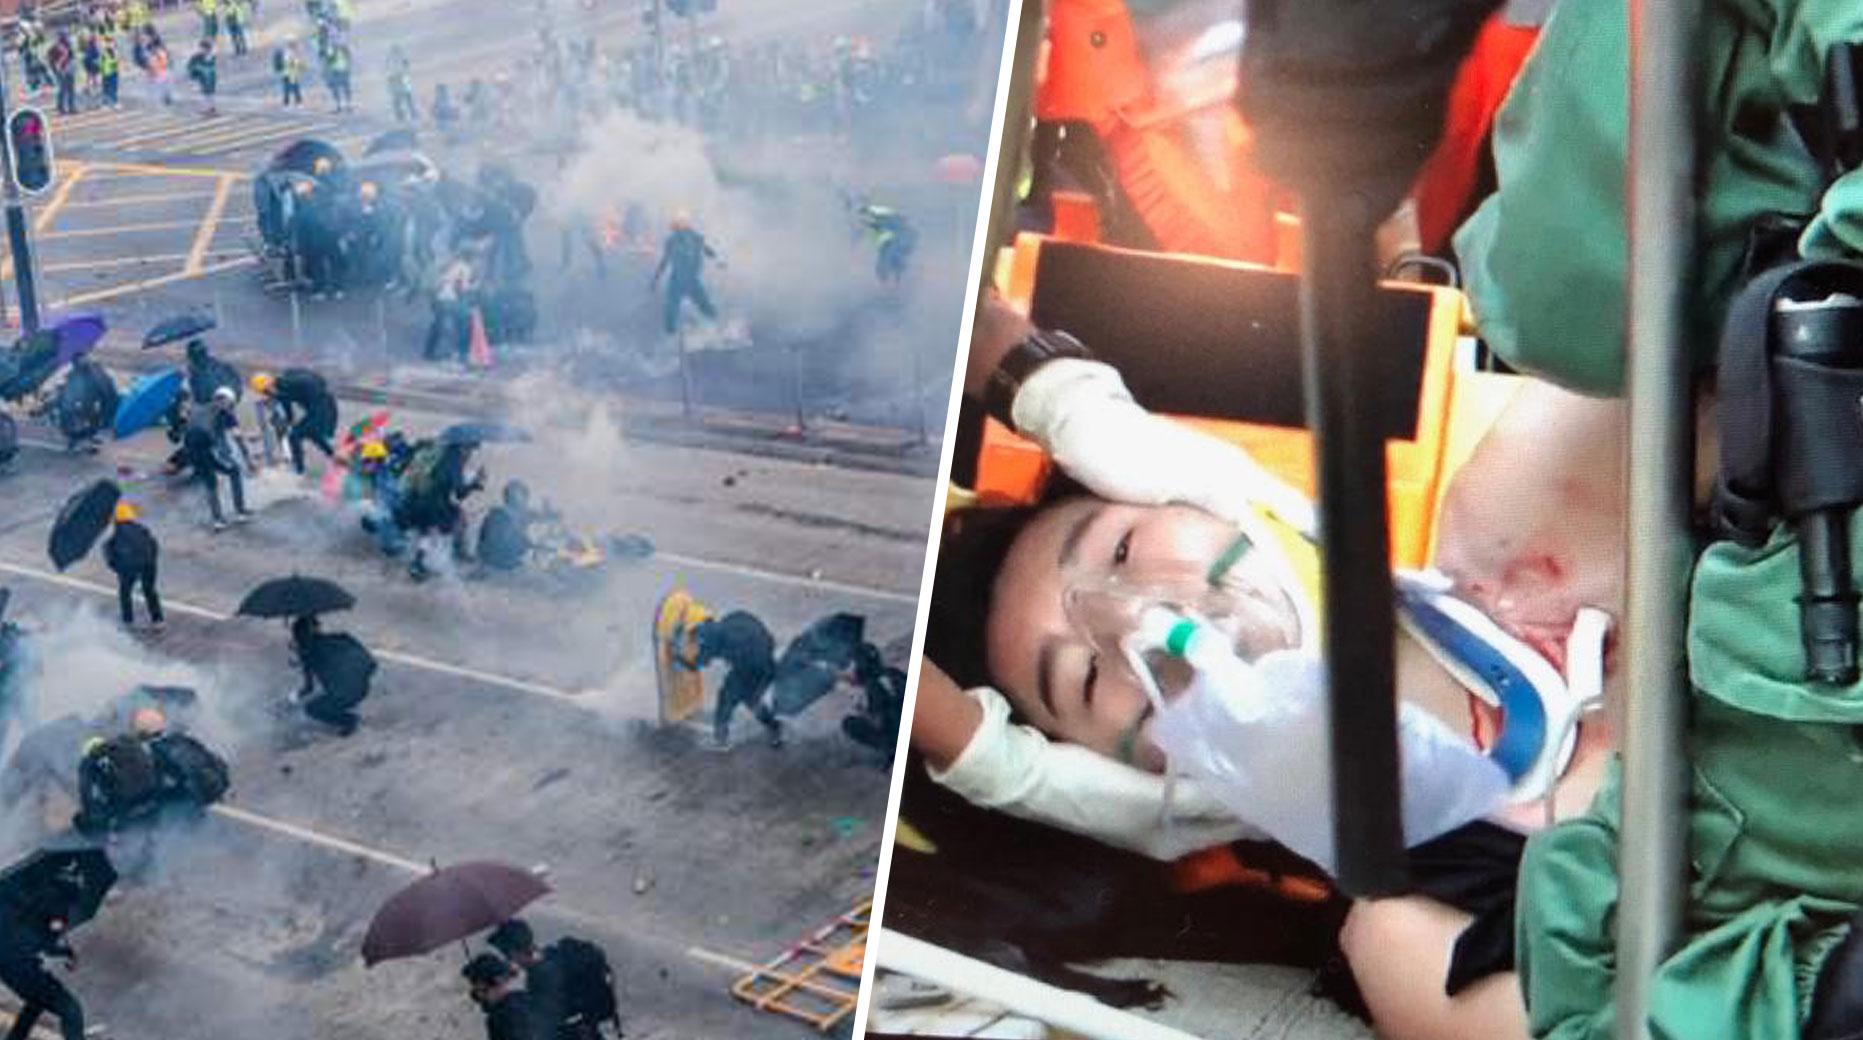 चीन के राष्ट्राध्यक्ष ने रखा 'एक देश, दो व्यवस्था' का प्रस्ताव ठुकराकर हॉंगकॉंग के प्रदर्शनकारियों ने किए तीव्र प्रदर्शन